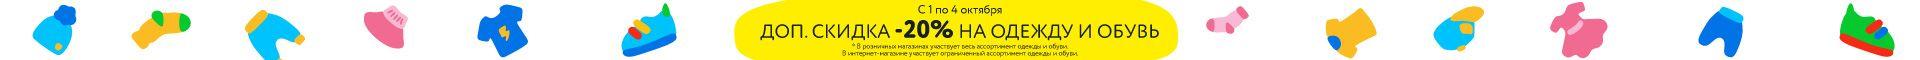 Доп скидка 20% в корзине на выделенный ассортимент ОиО и МП сквозной